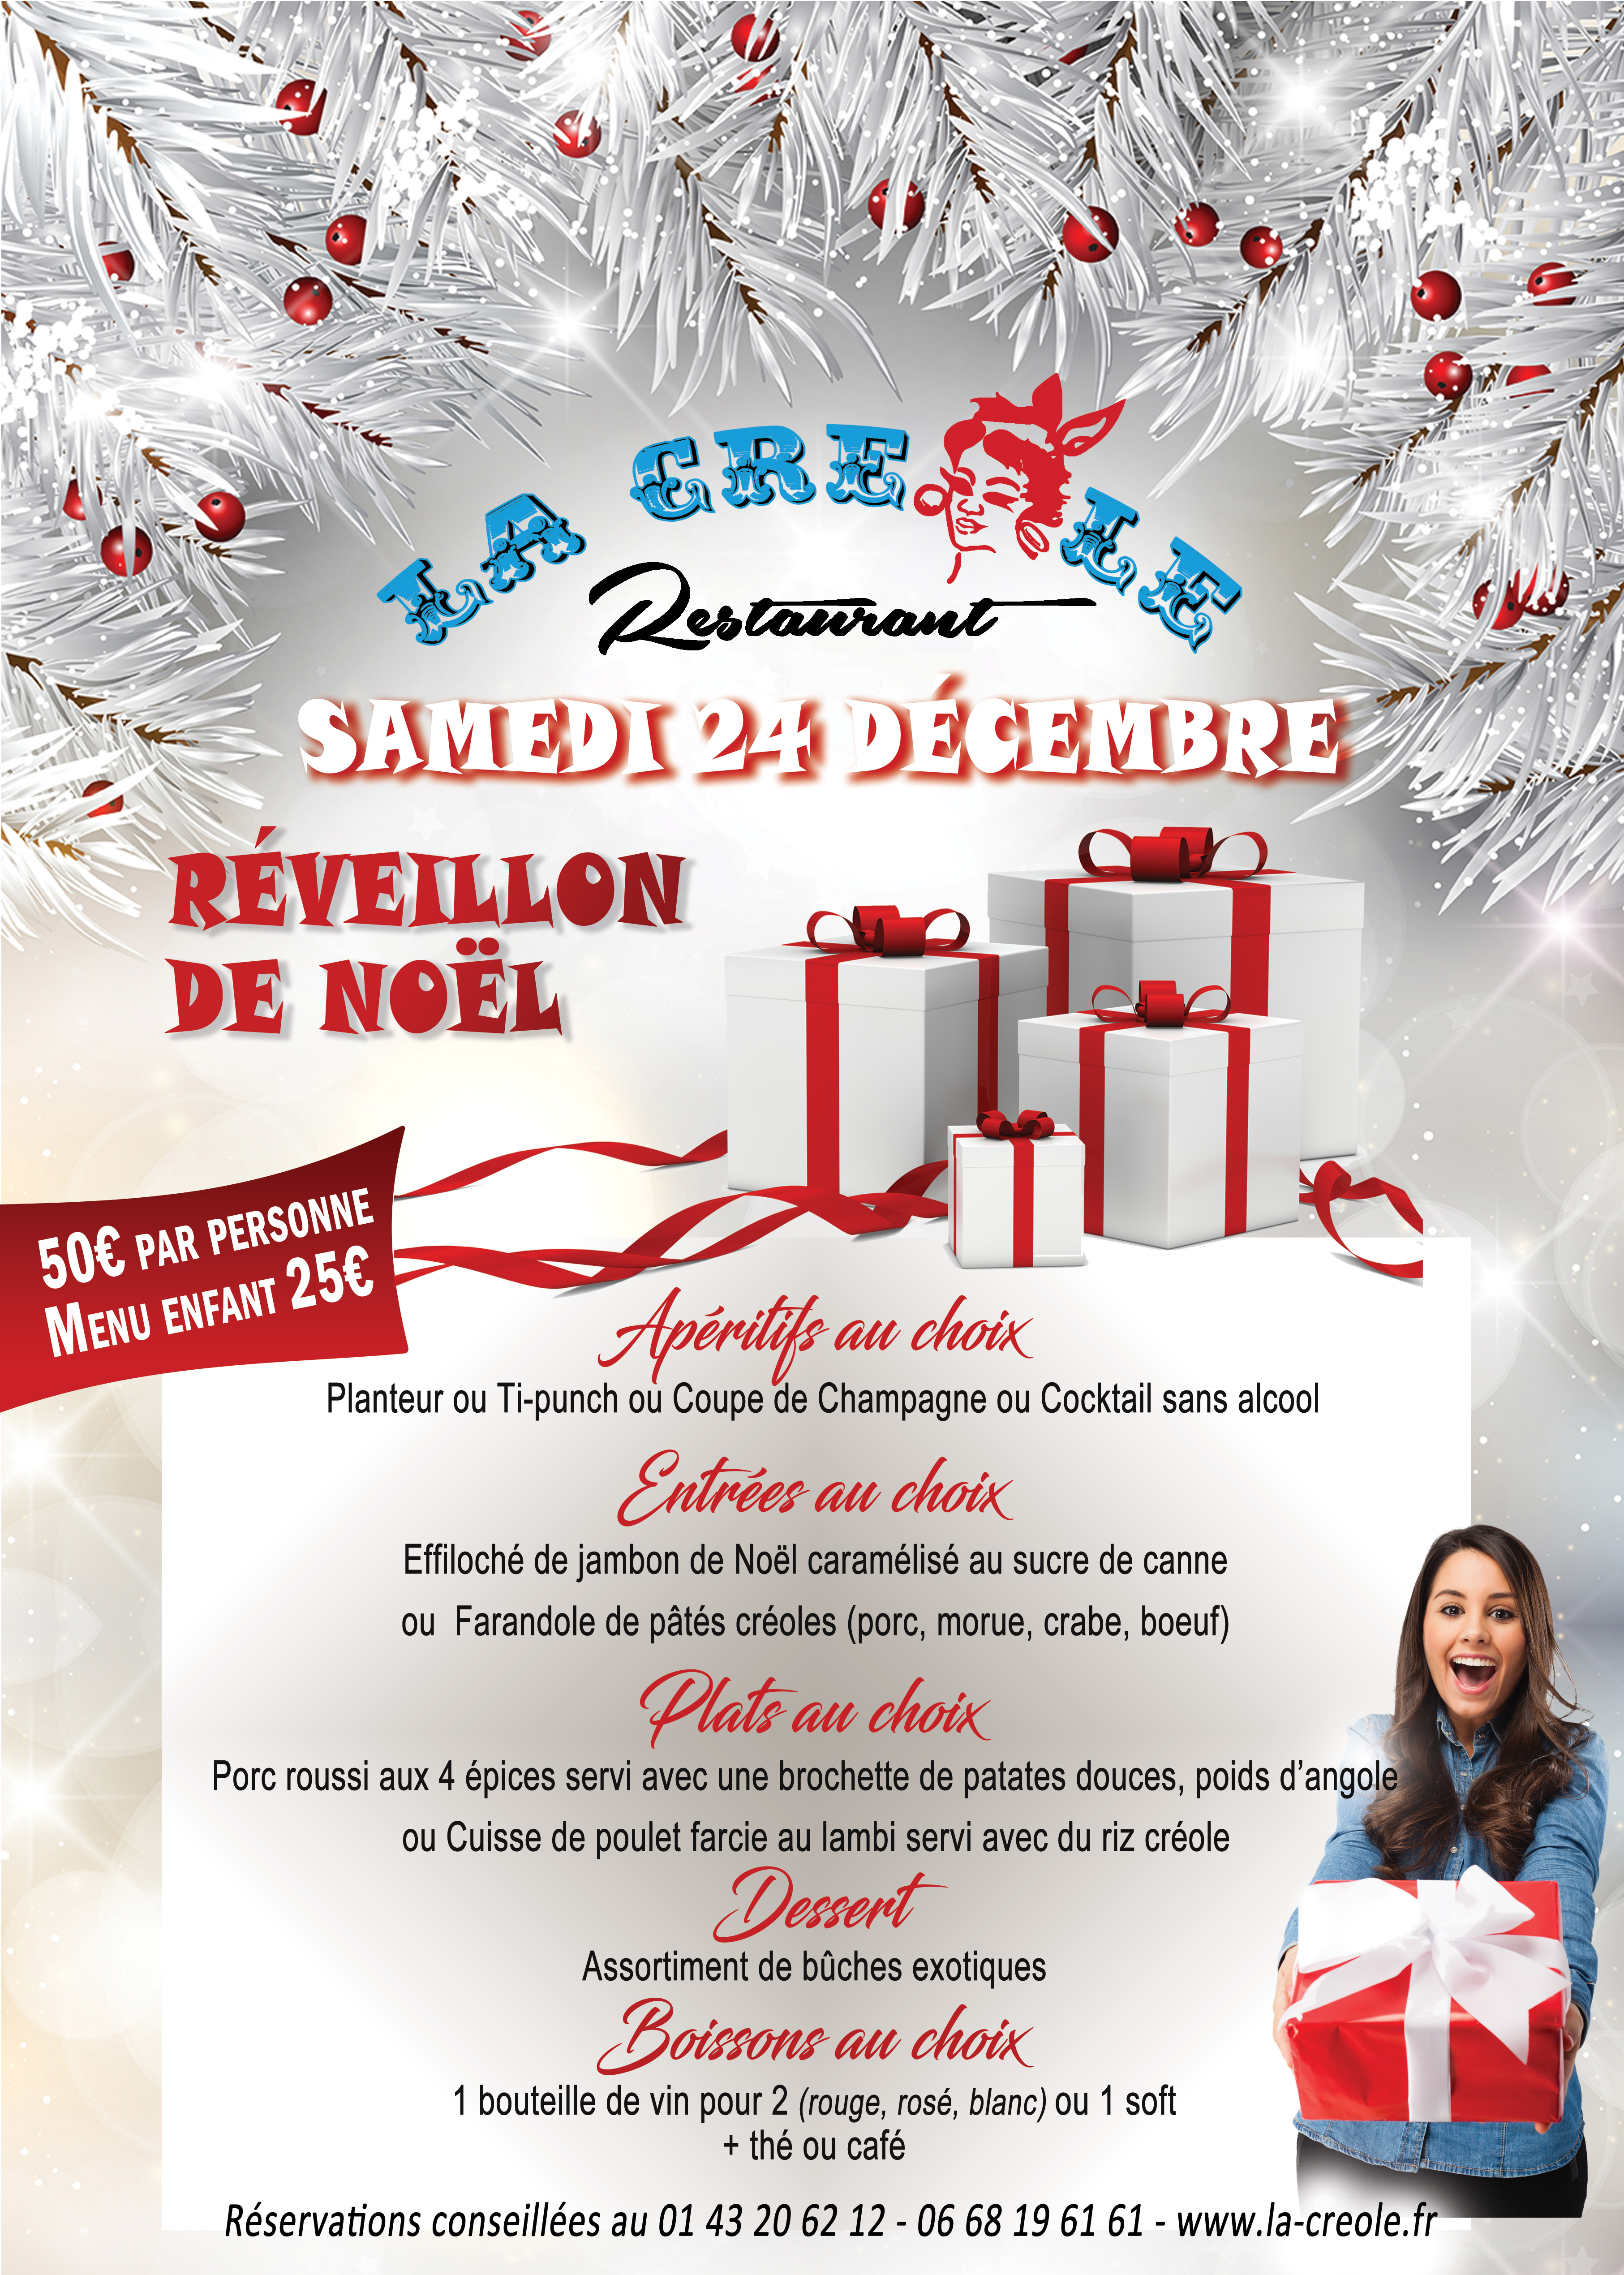 Réveillon de Noël à La Créole